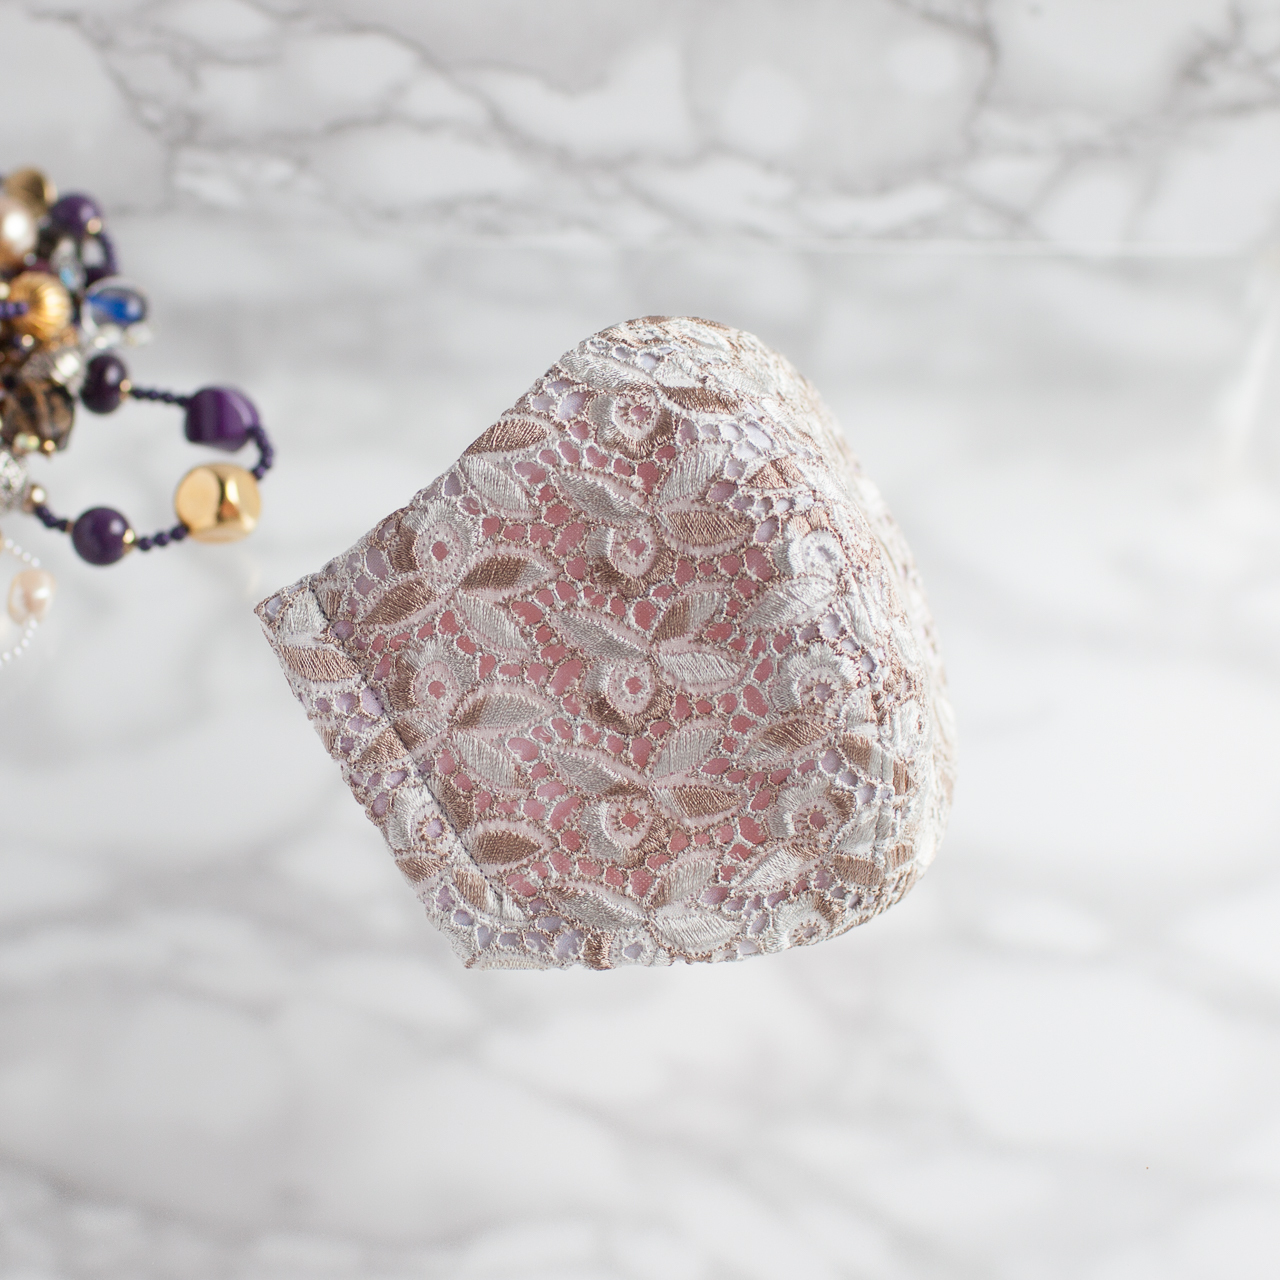 PSNY エレガントなオリエンタル・リーフ・デザインの美しいレース アイボリー・ベージュ フィルター入り 結婚式 ブライダル パーティー 選べる内側素材 美人 高級 おしゃれ ますく マスク LO78